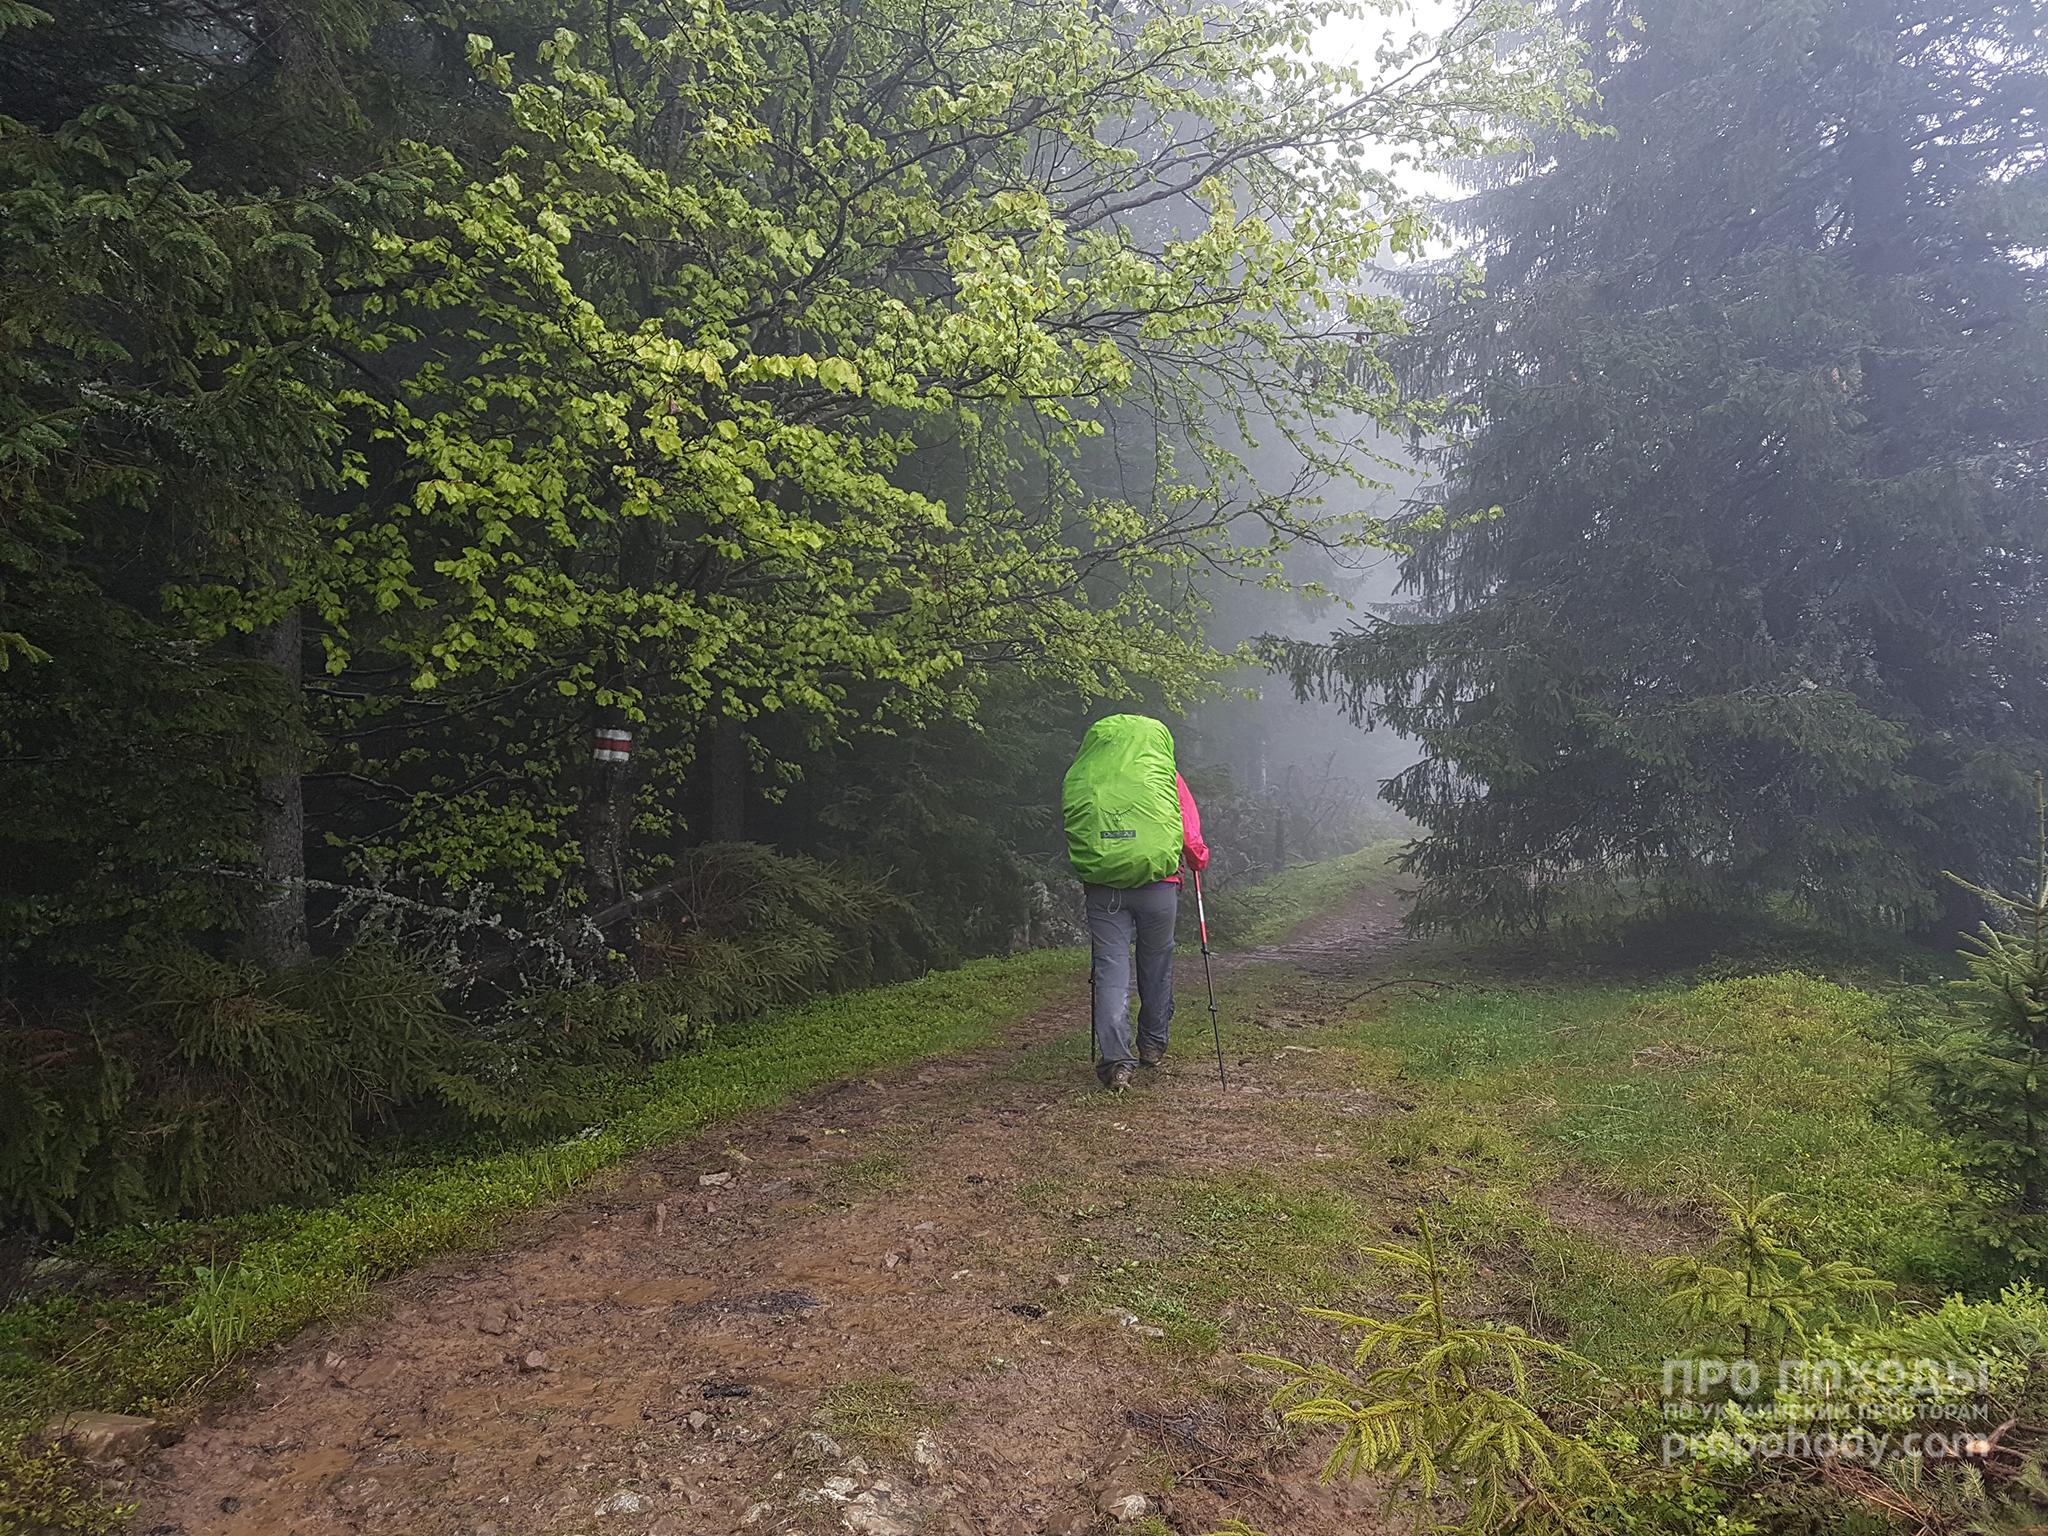 Гринявські гори. Йдемо в дощ